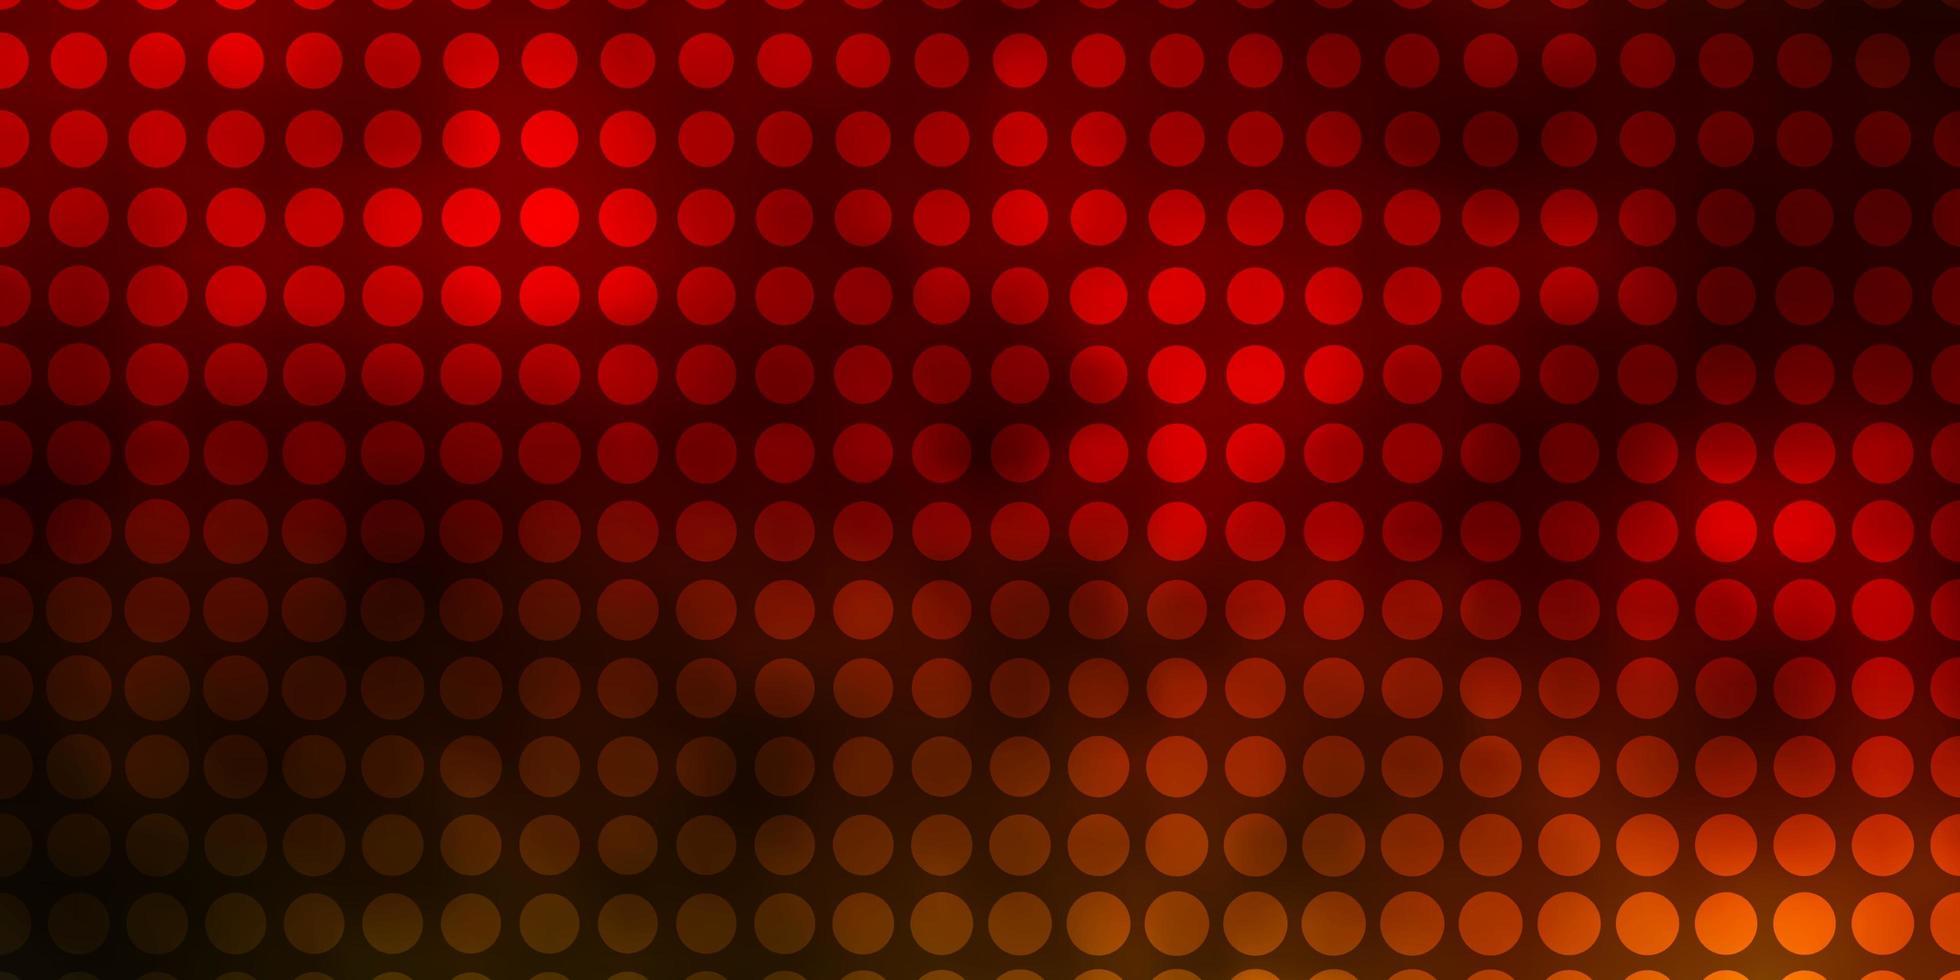 sfondo rosso scuro con cerchi. vettore